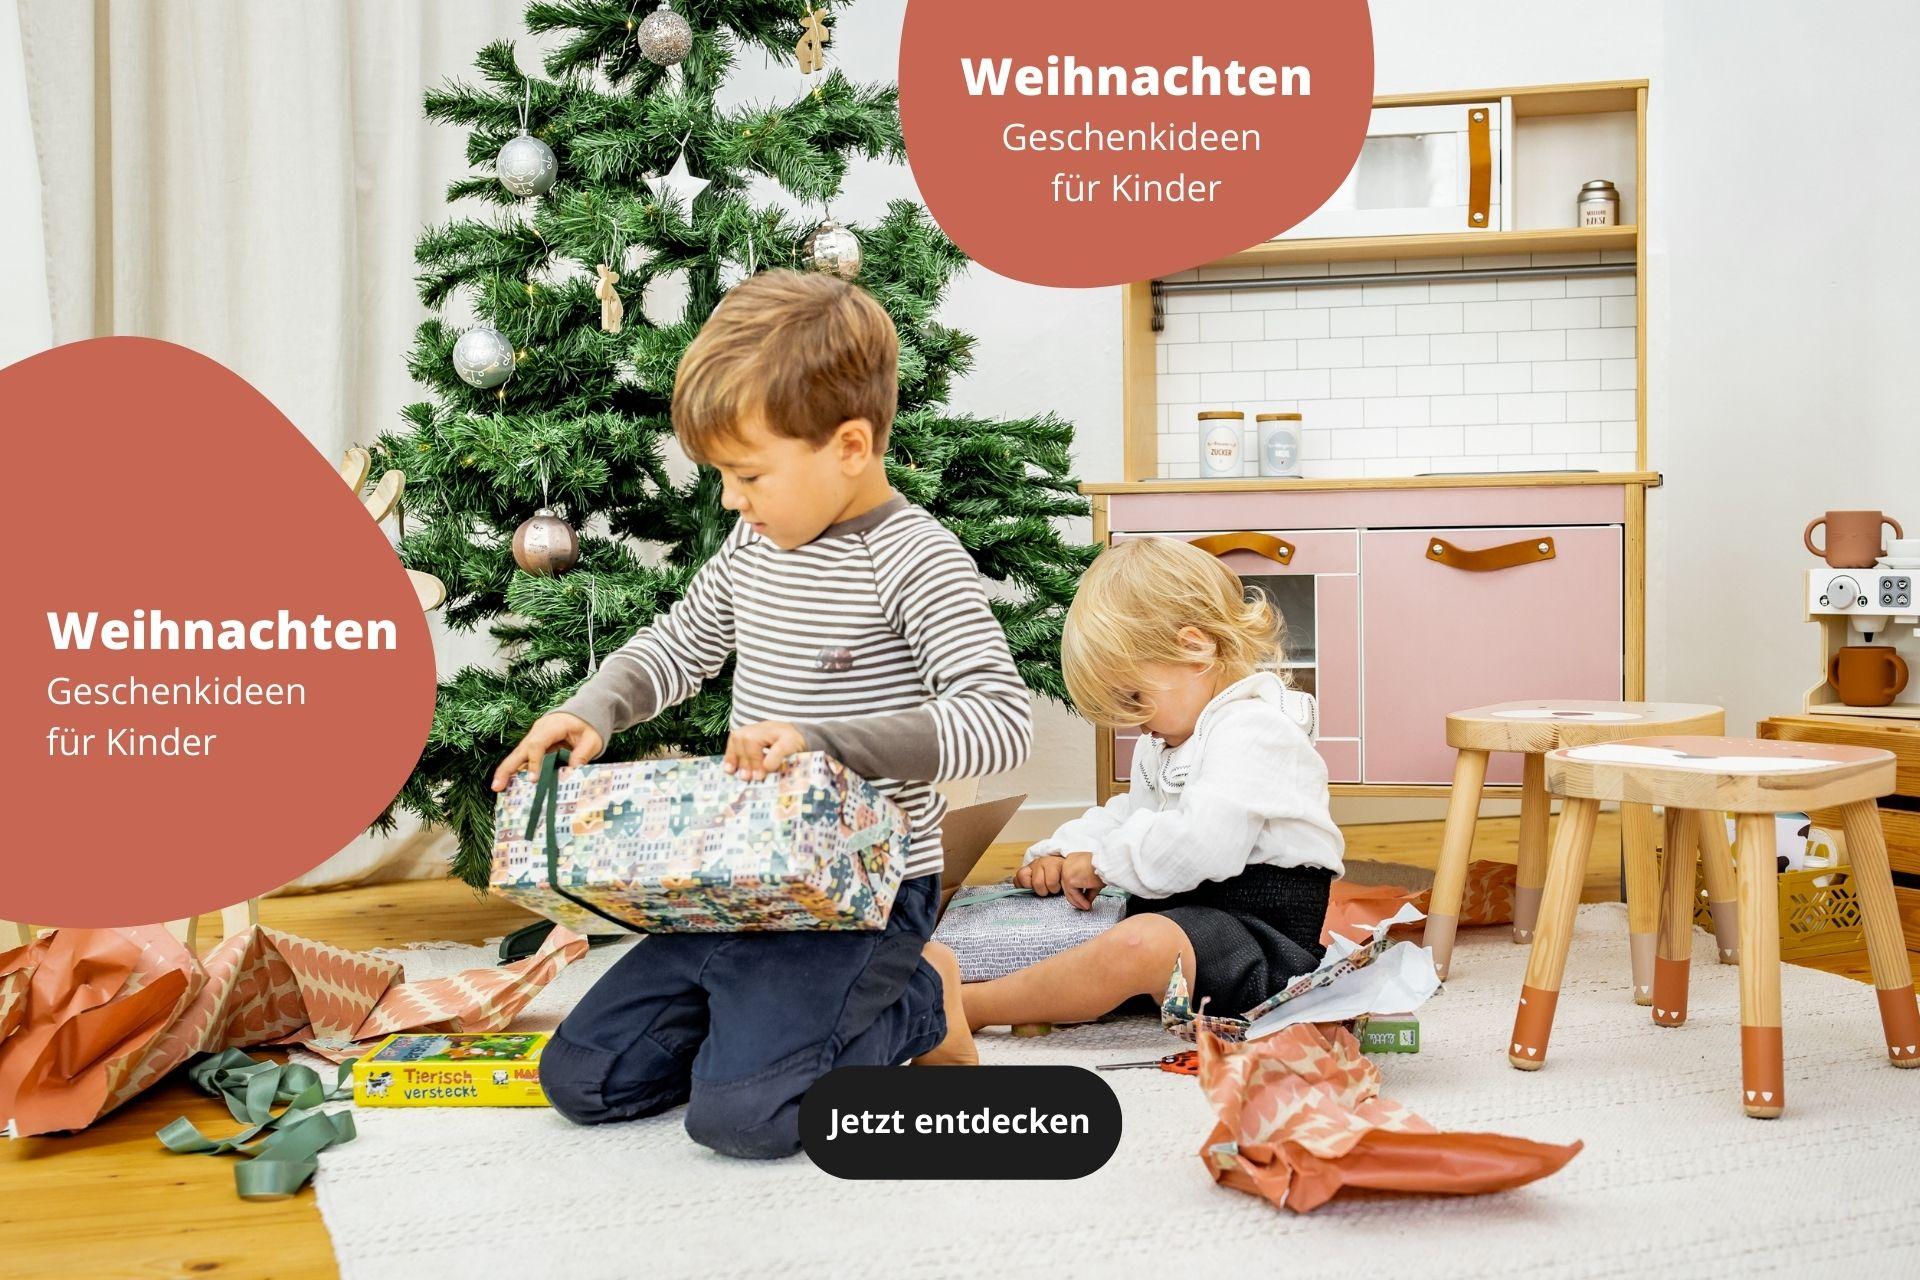 Weihnachten Geschenkideen für Kinder